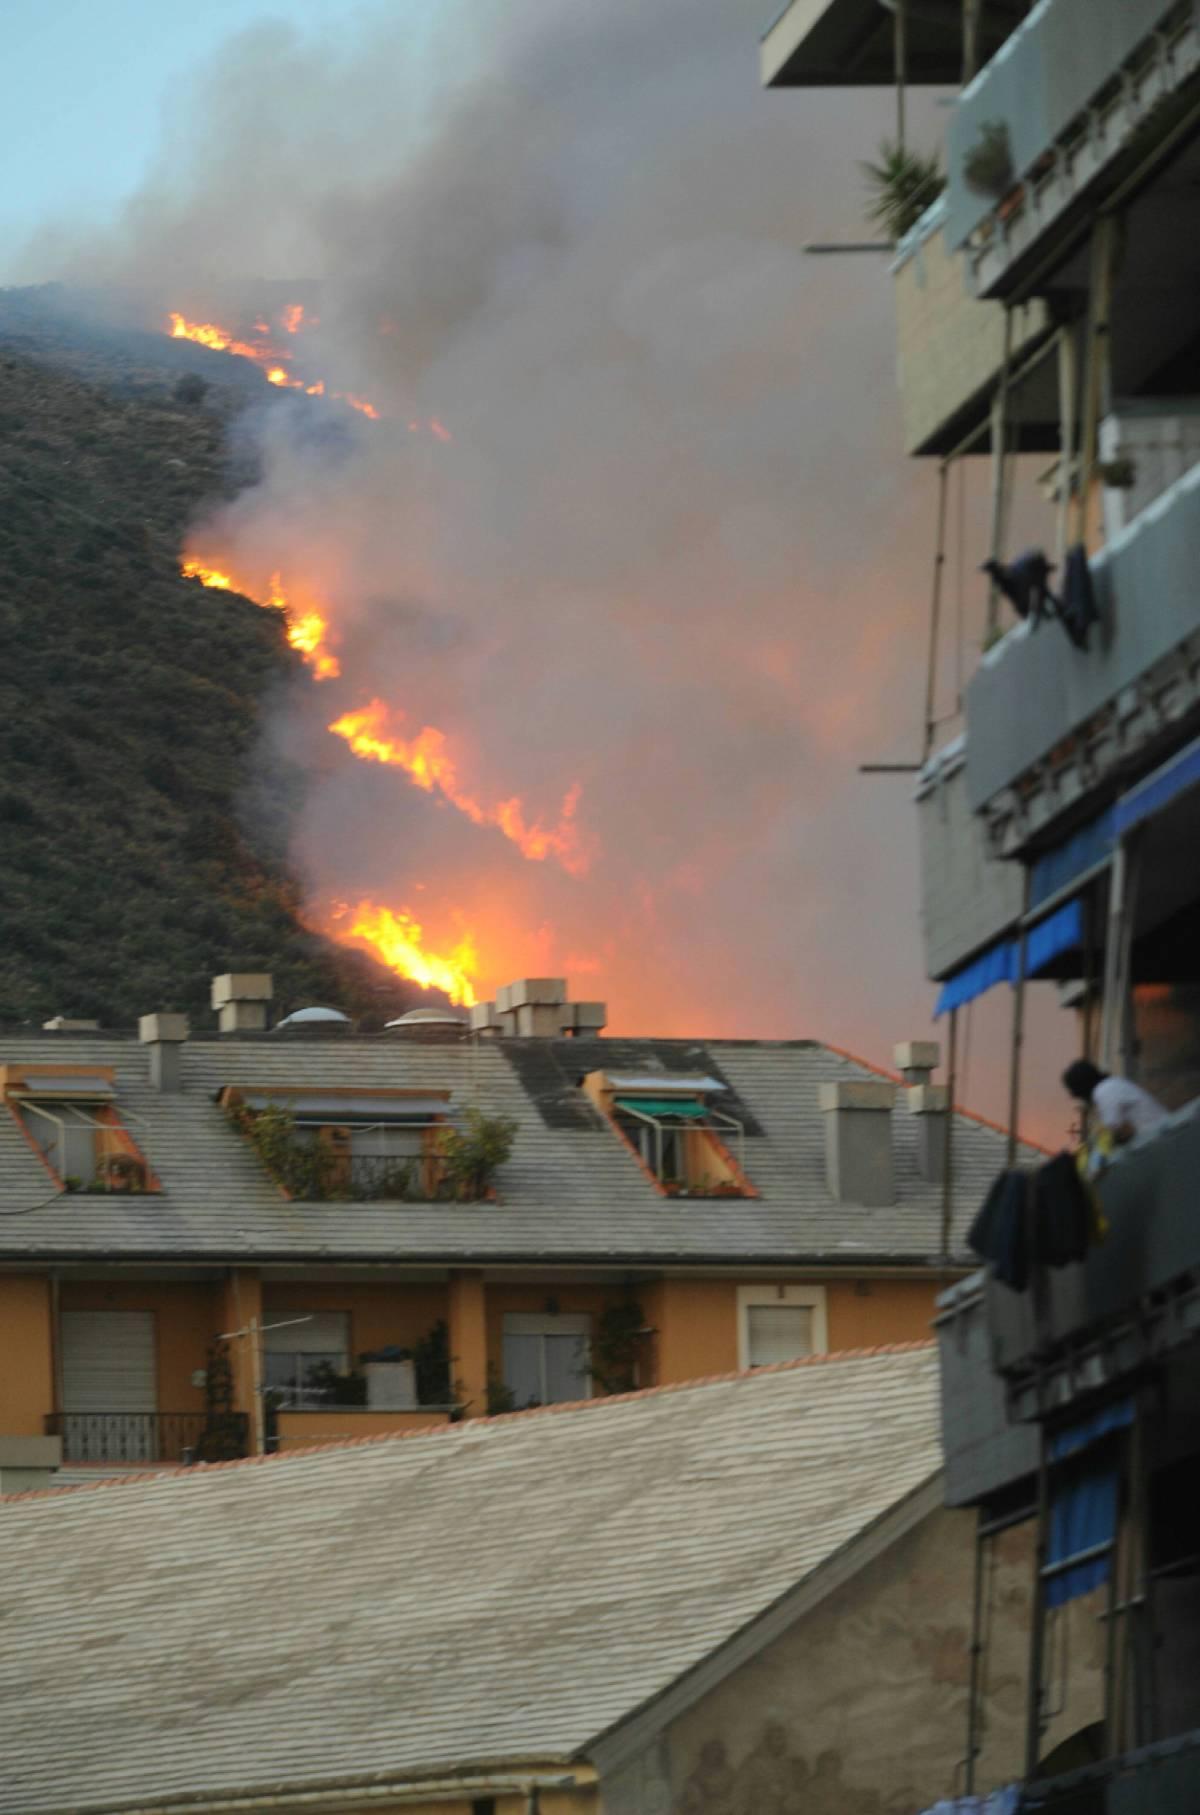 Incendi, paura in Liguria:  Genova è sotto assedio  evacuazioni e Canadair